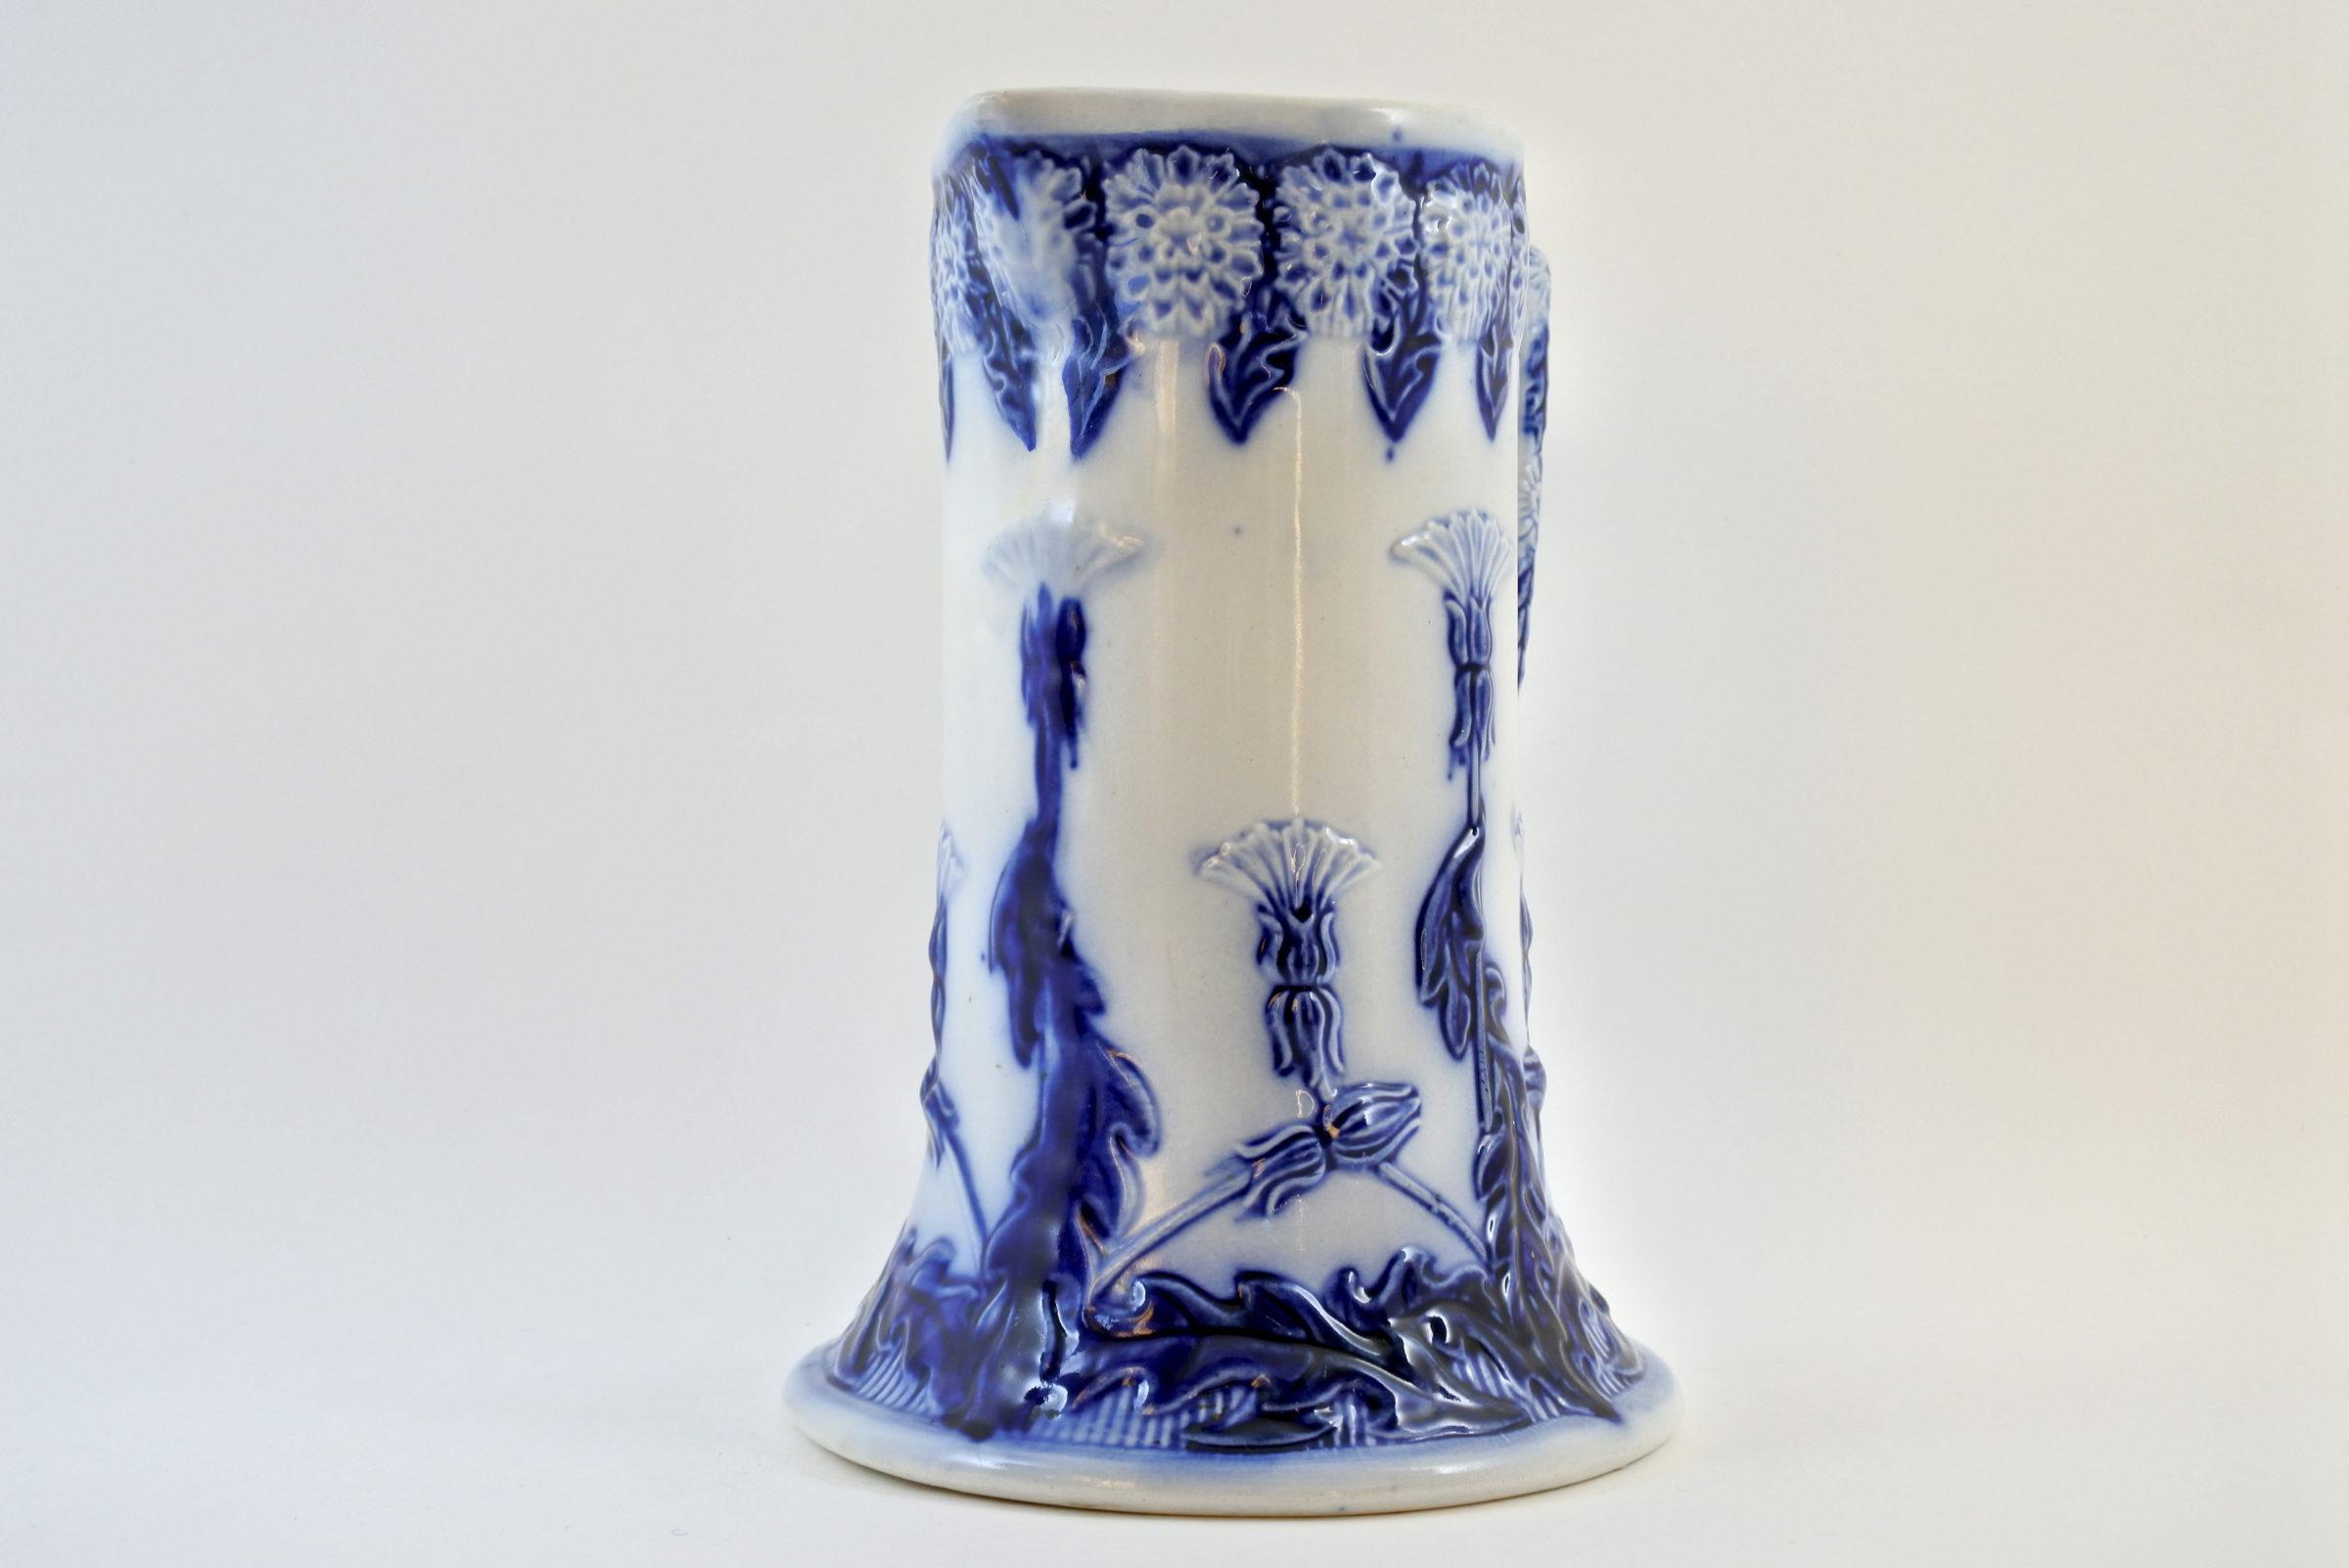 Brocca in ceramica barbotine con cardi monocromatici - Chardons - 4